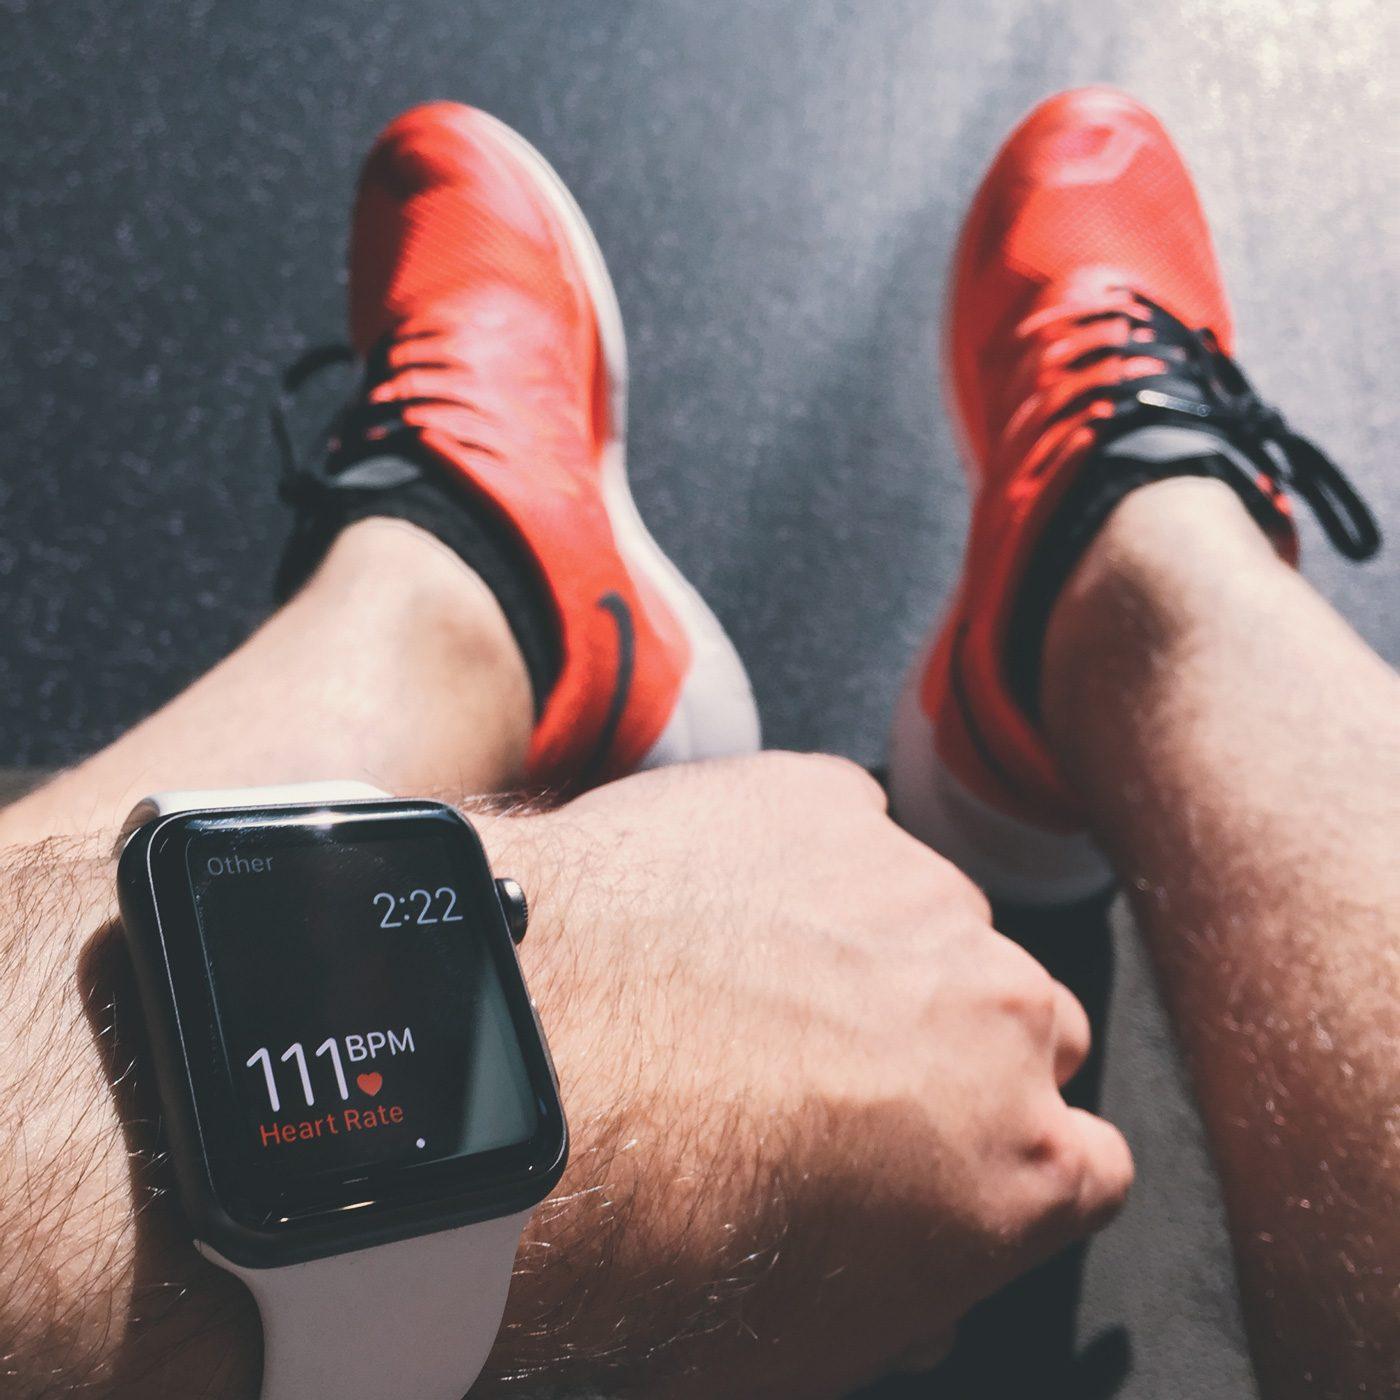 Apple Watch Gym